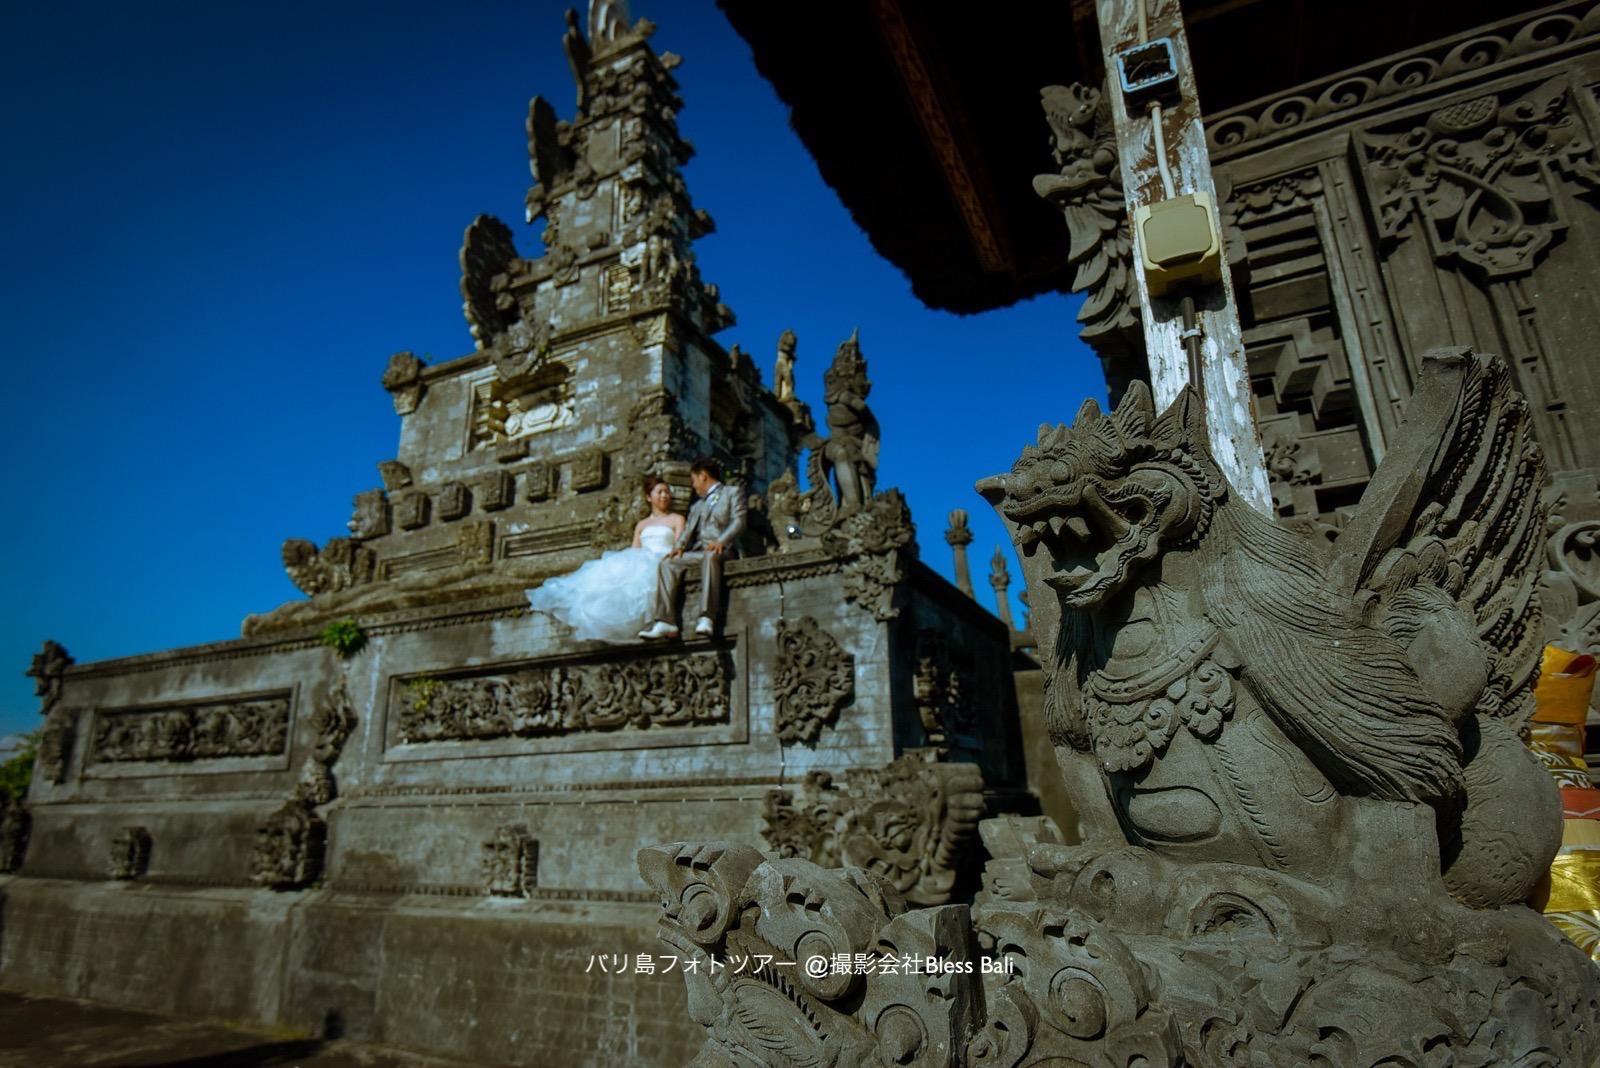 バリ島の伝統的な寺院で撮影